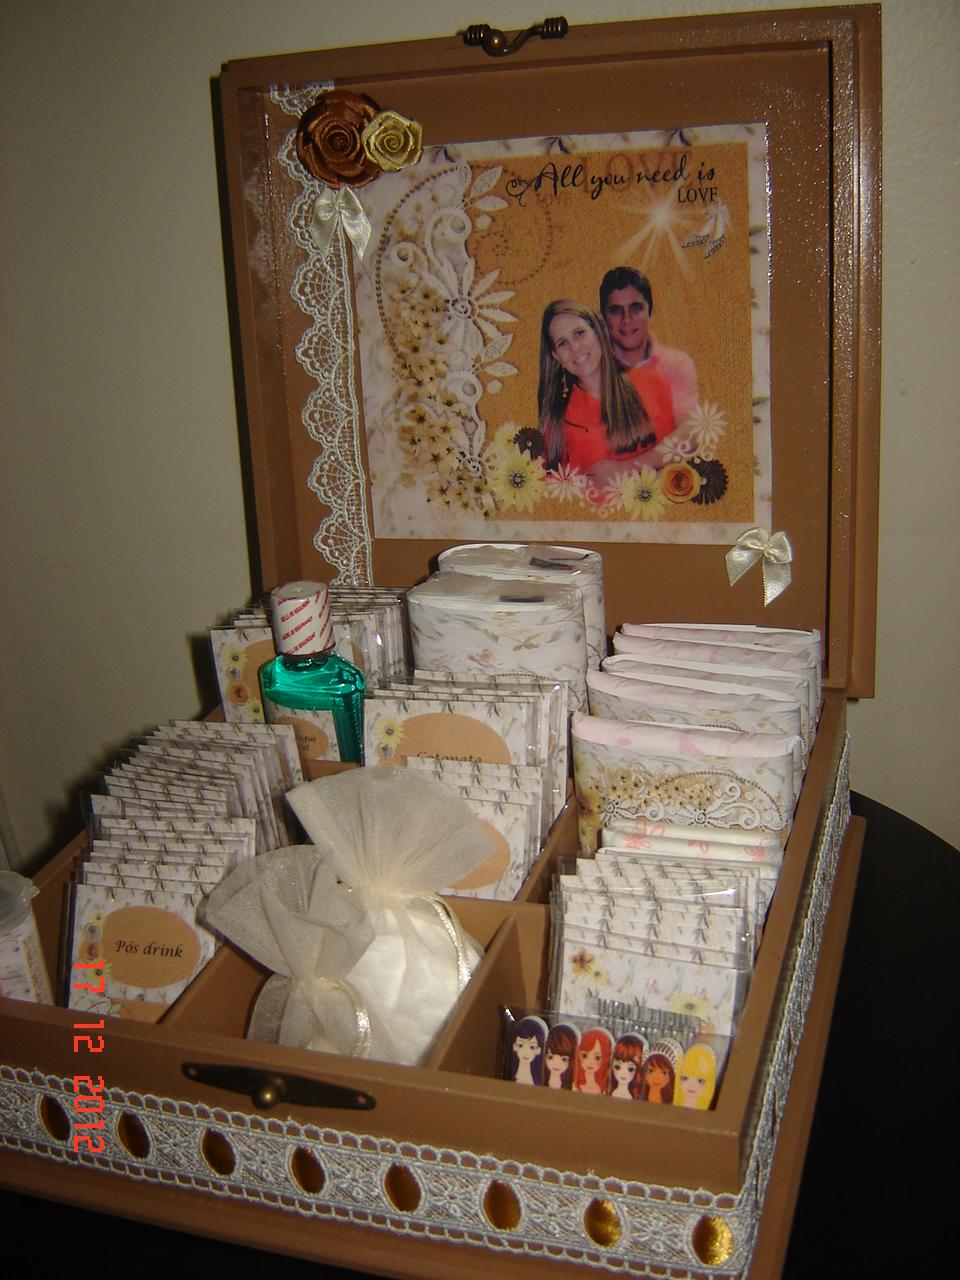 Kit Toalete Casamento Rústico : Marina ciollaro fazendo arte kit toalete casamento